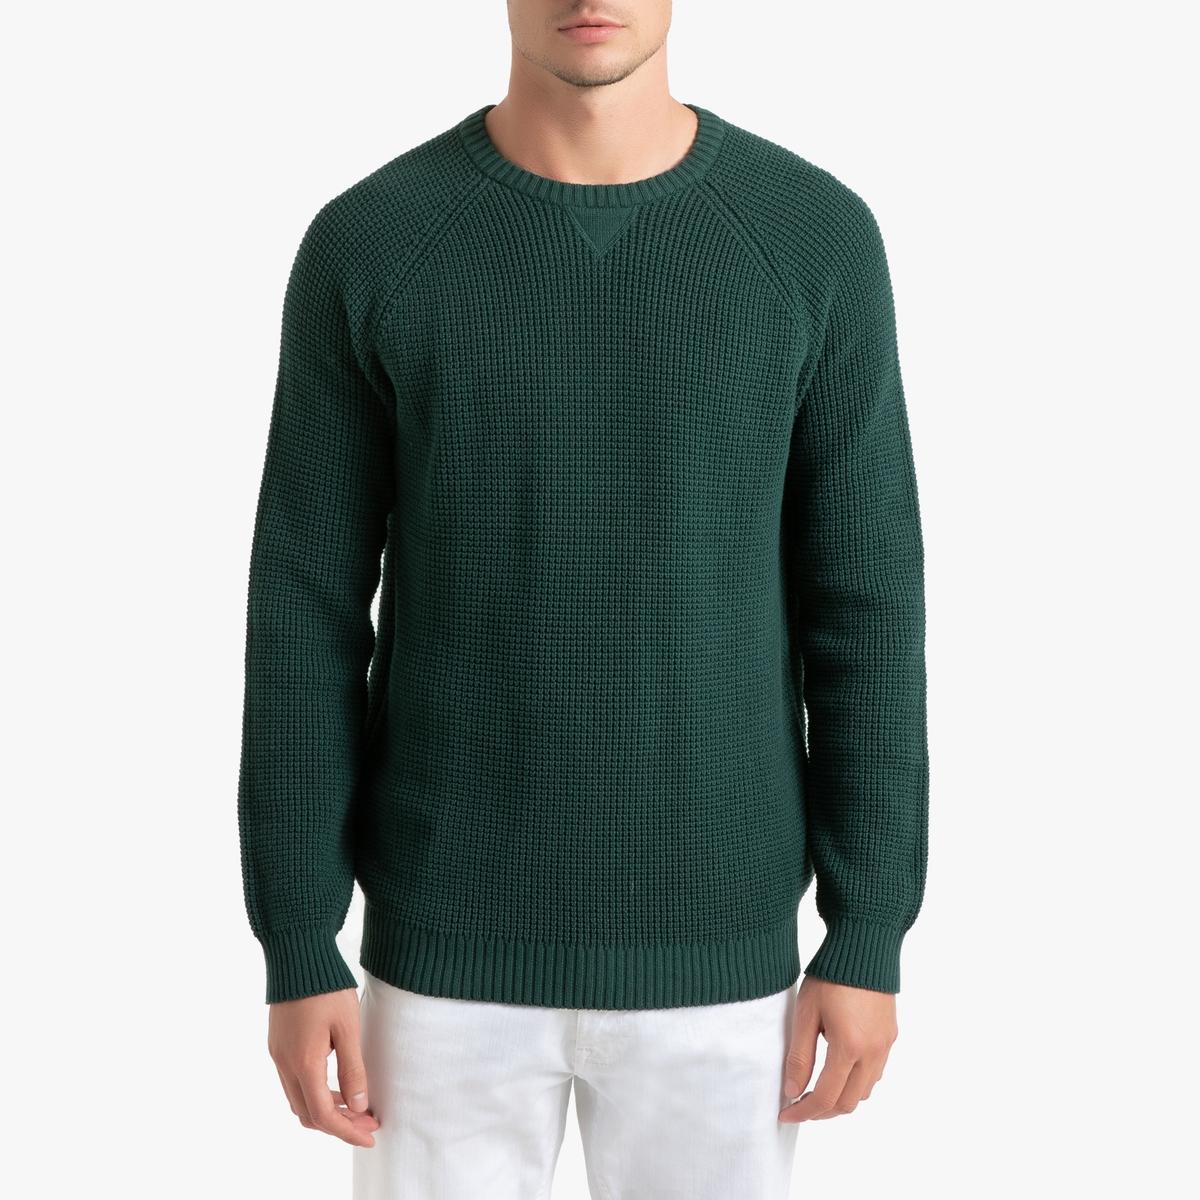 Пуловер La Redoute С круглым вырезом из плотного трикотажа 3XL зеленый пуловер la redoute с круглым вырезом из плотного трикотажа 3xl бежевый